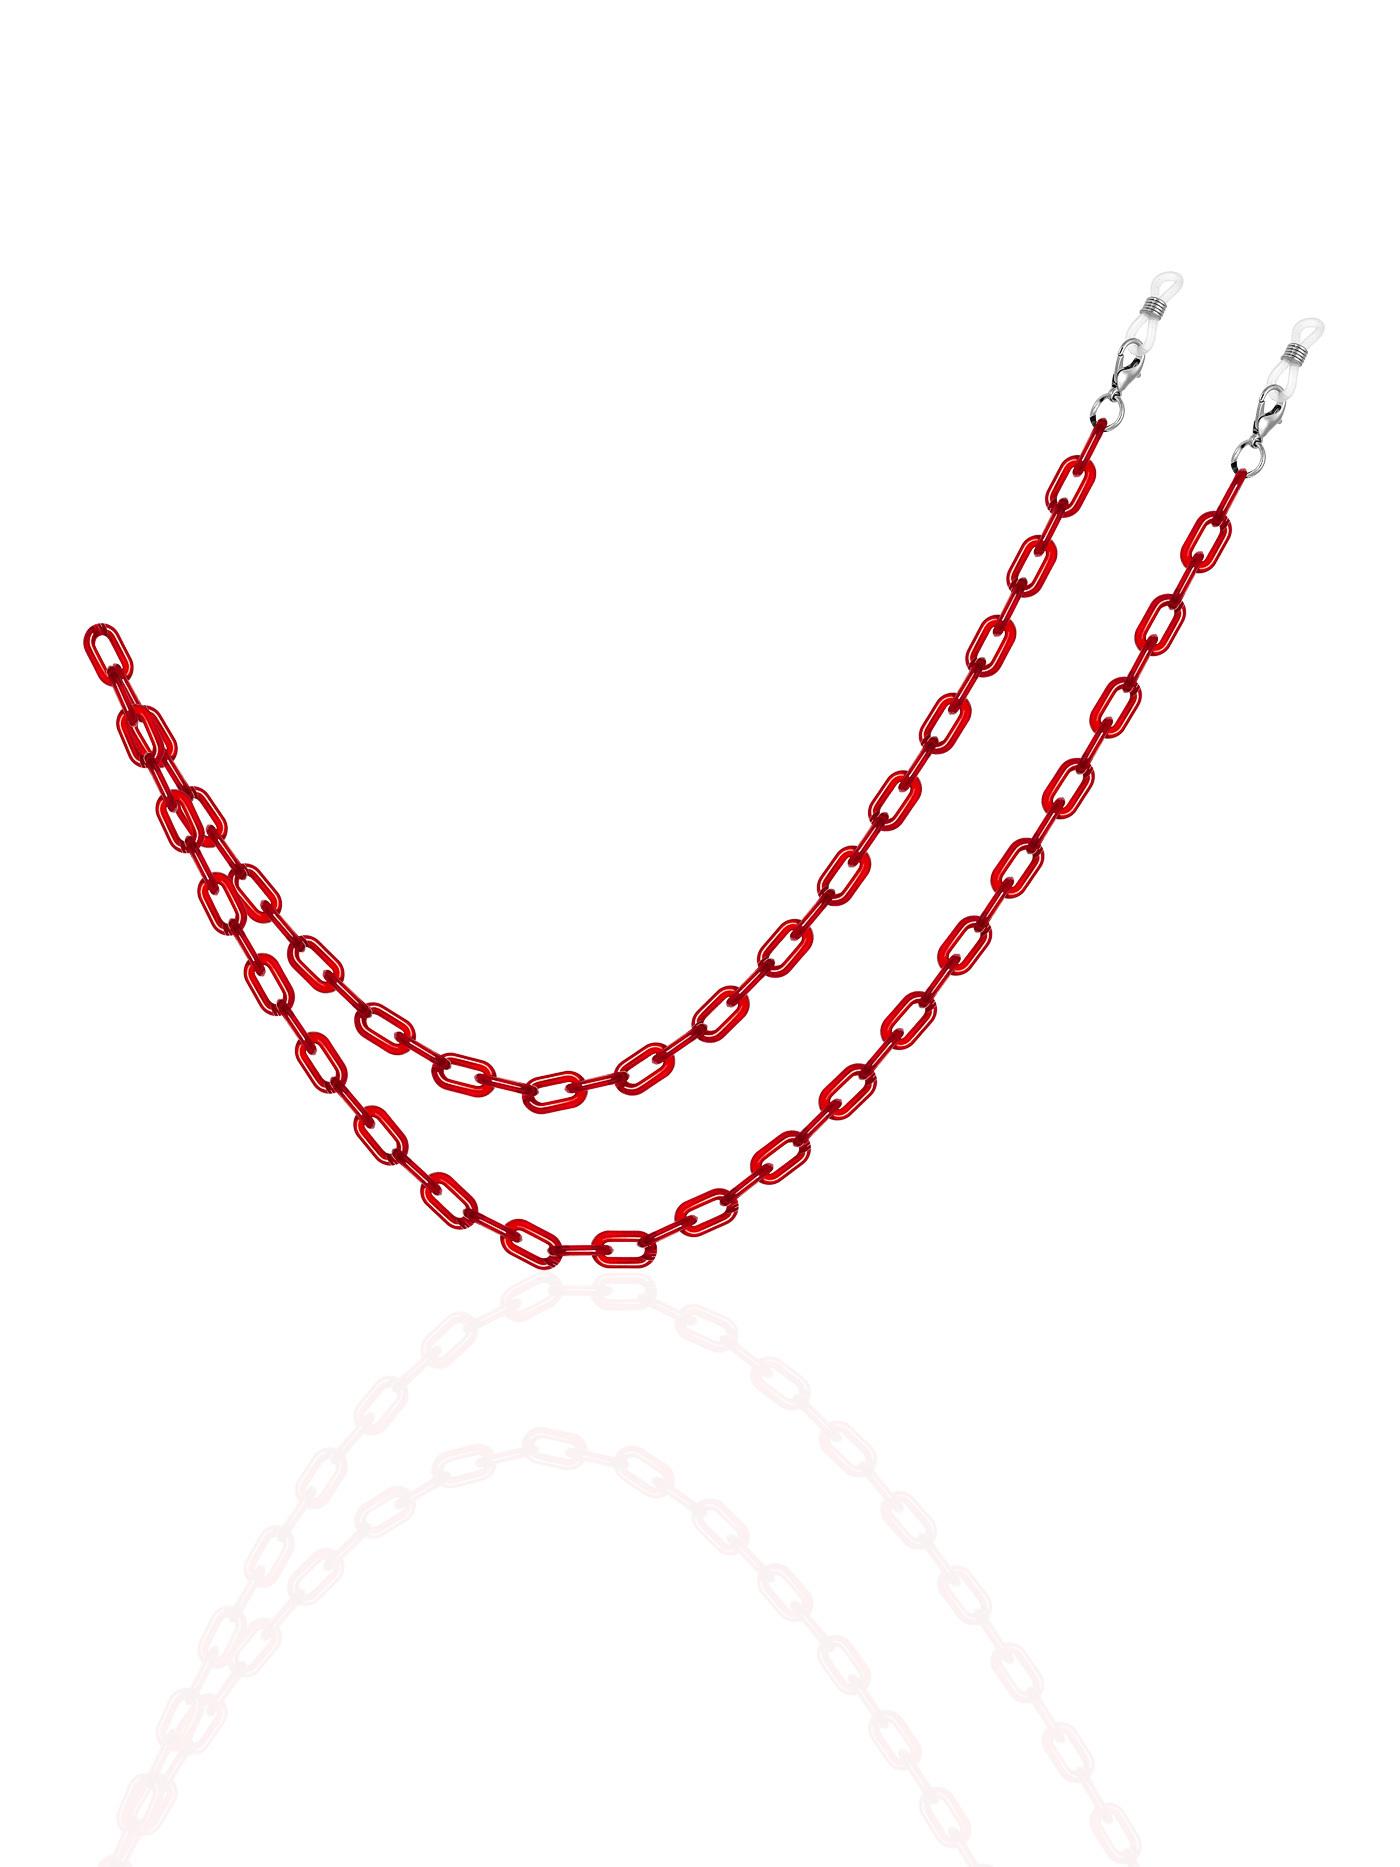 Красная цепочка для очков, стильные подарки